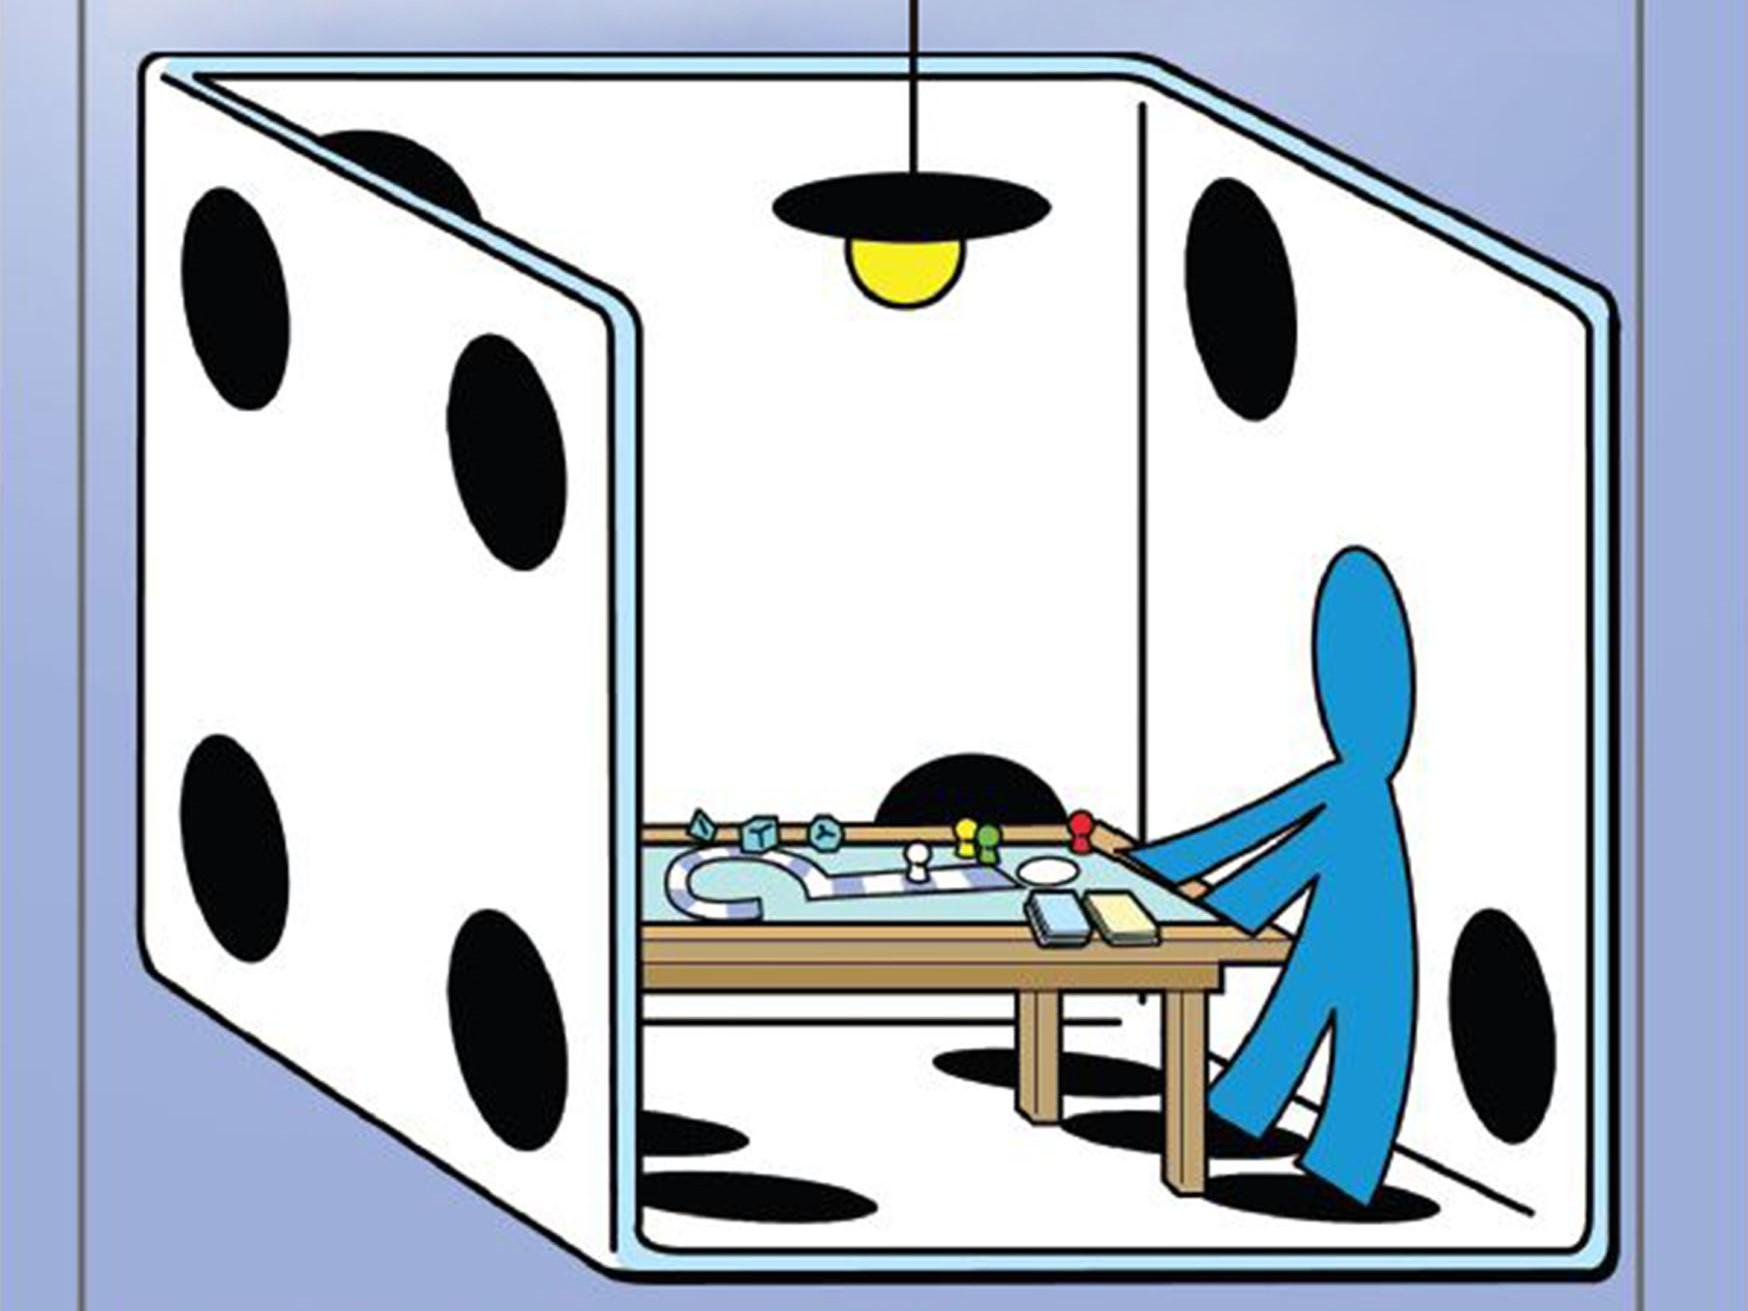 让我们把它变得有趣一点——《狗头人之桌游设计指南》